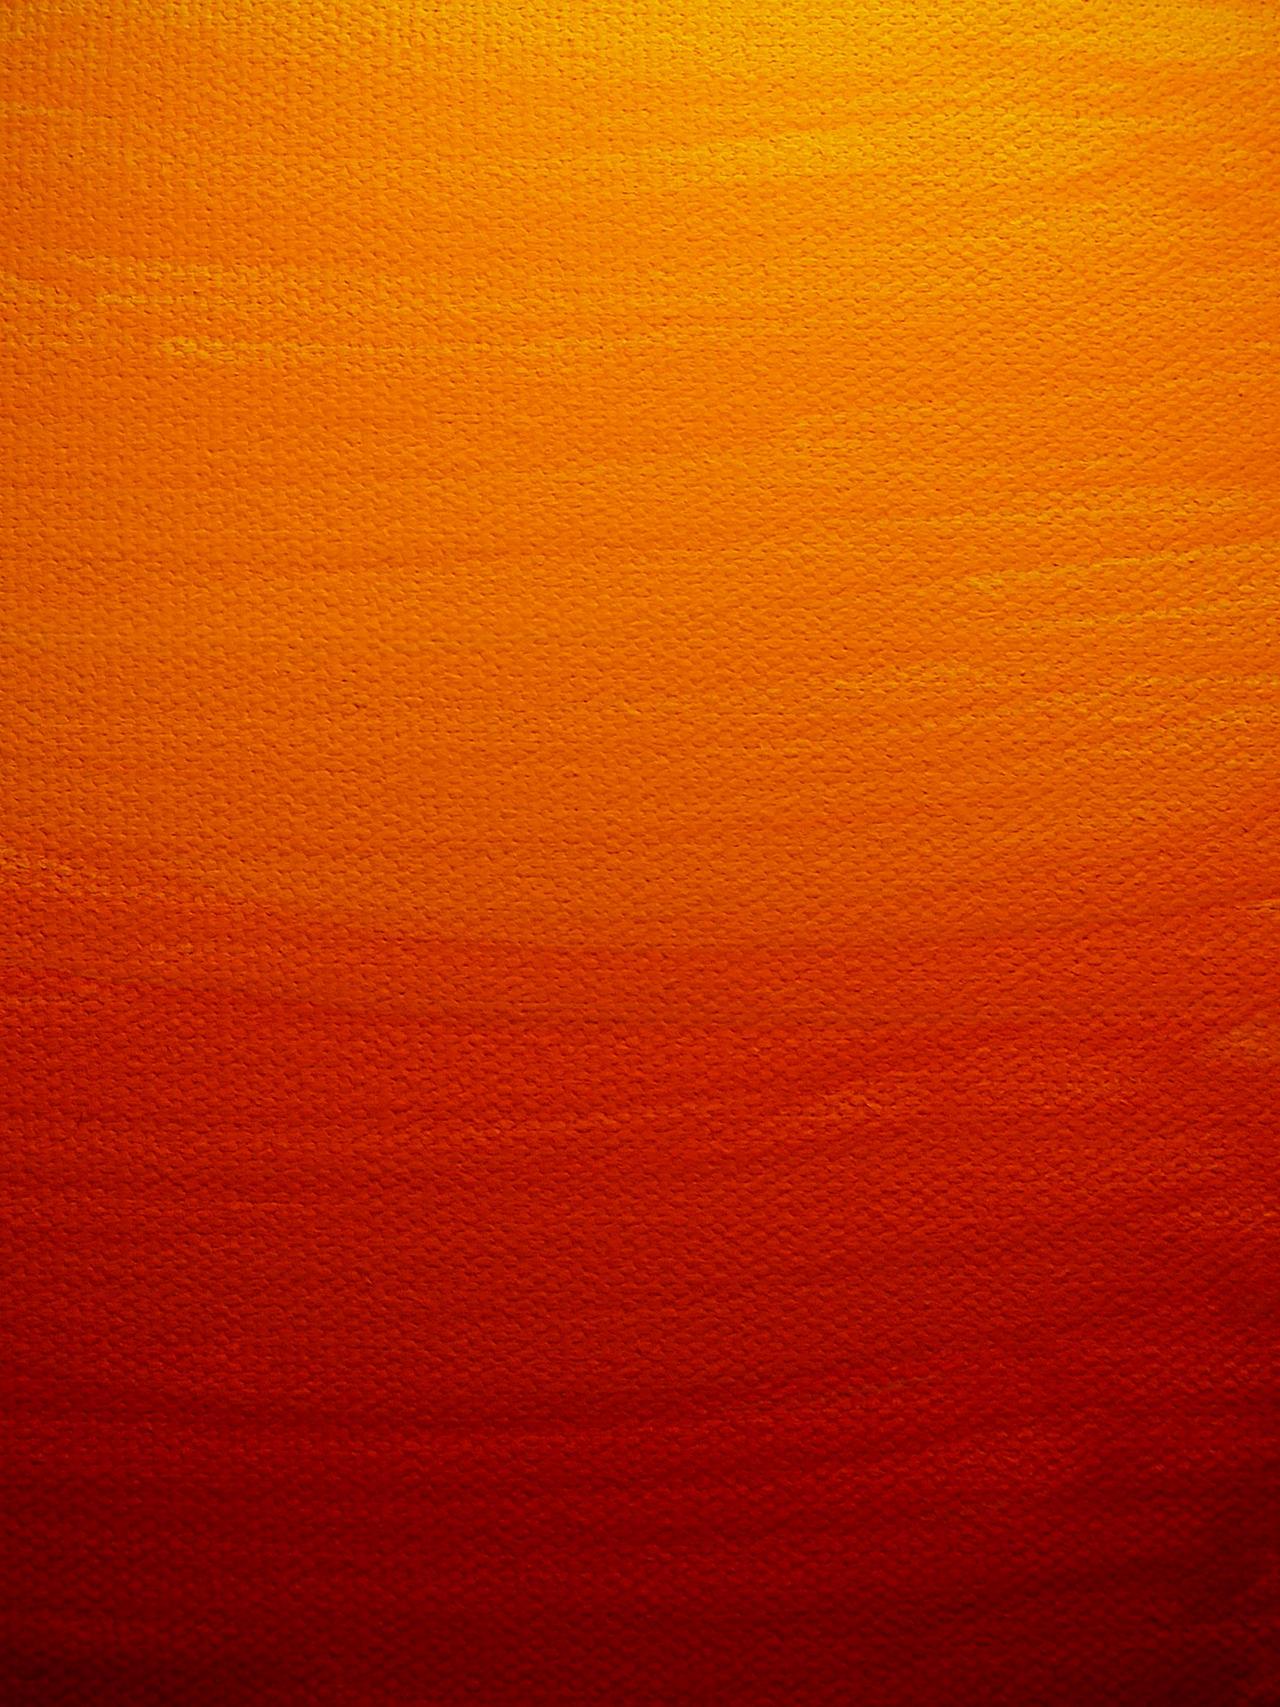 Sunset Paint Canvas Texture